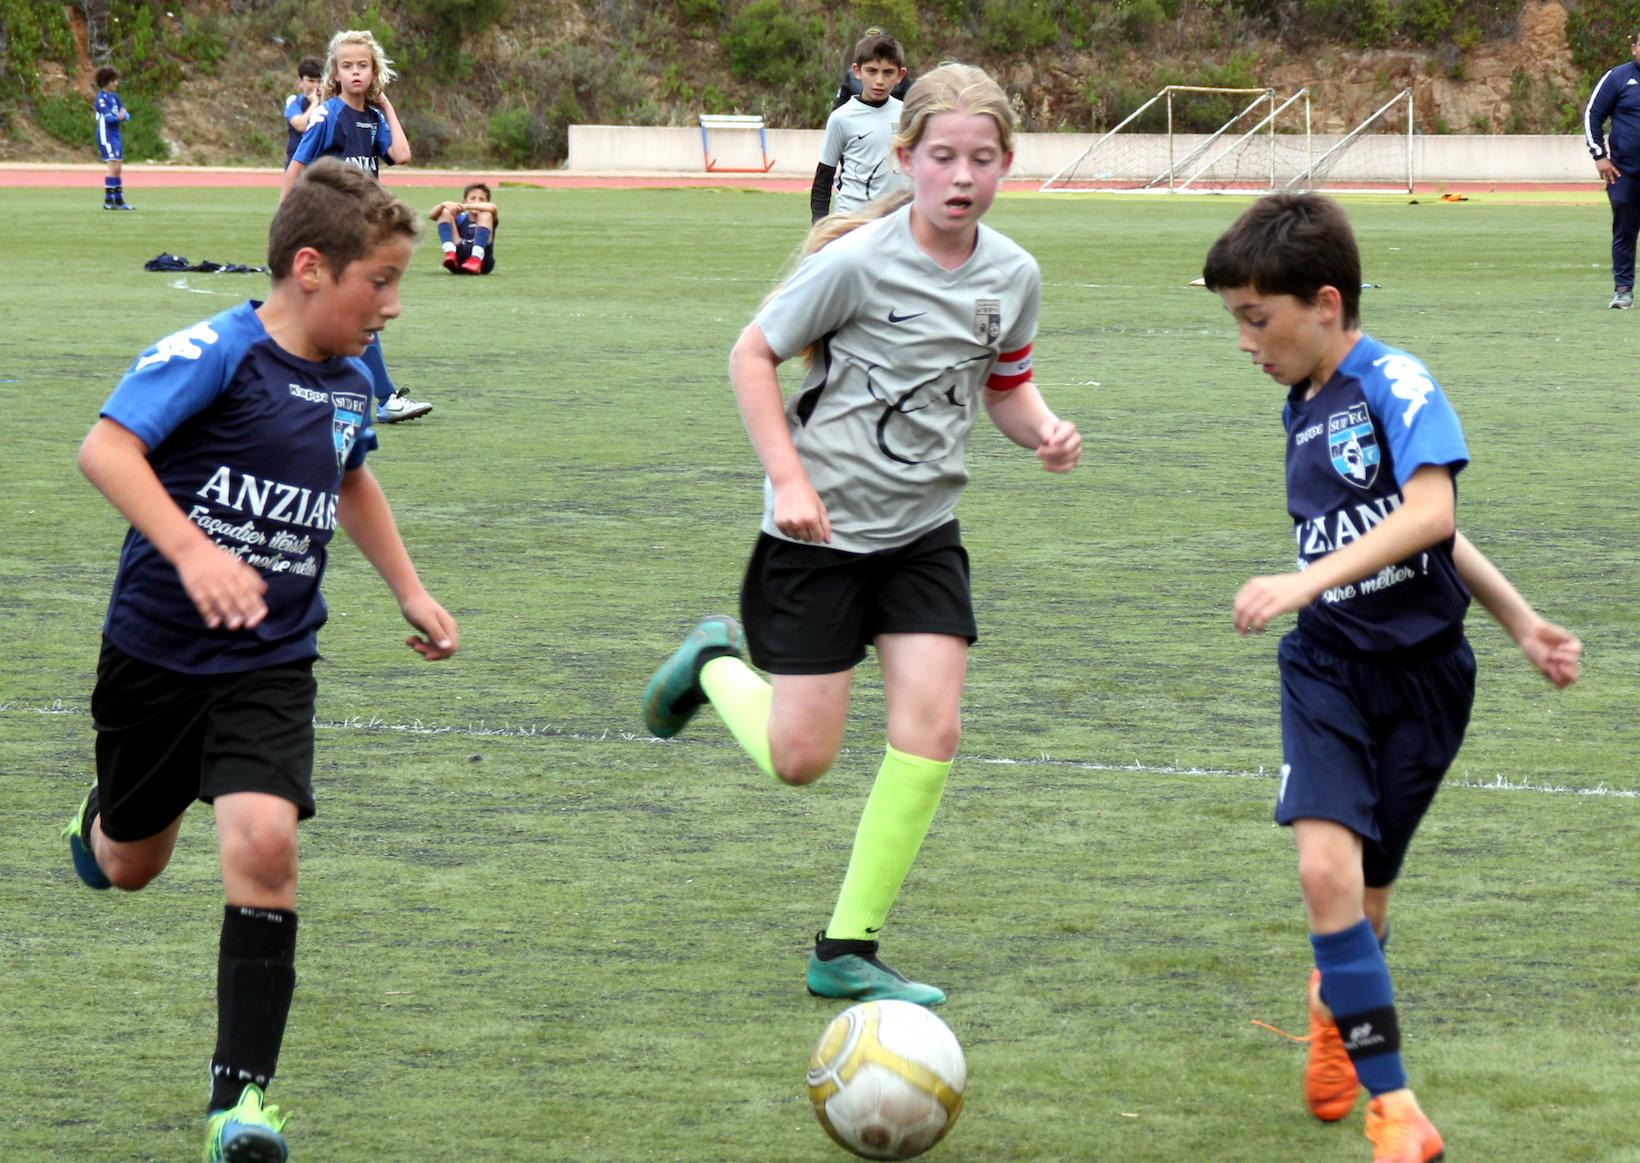 Le SCB (Elite) et Ghisonaccia (Honneur) remportent le tournoi U11 du Sud FC